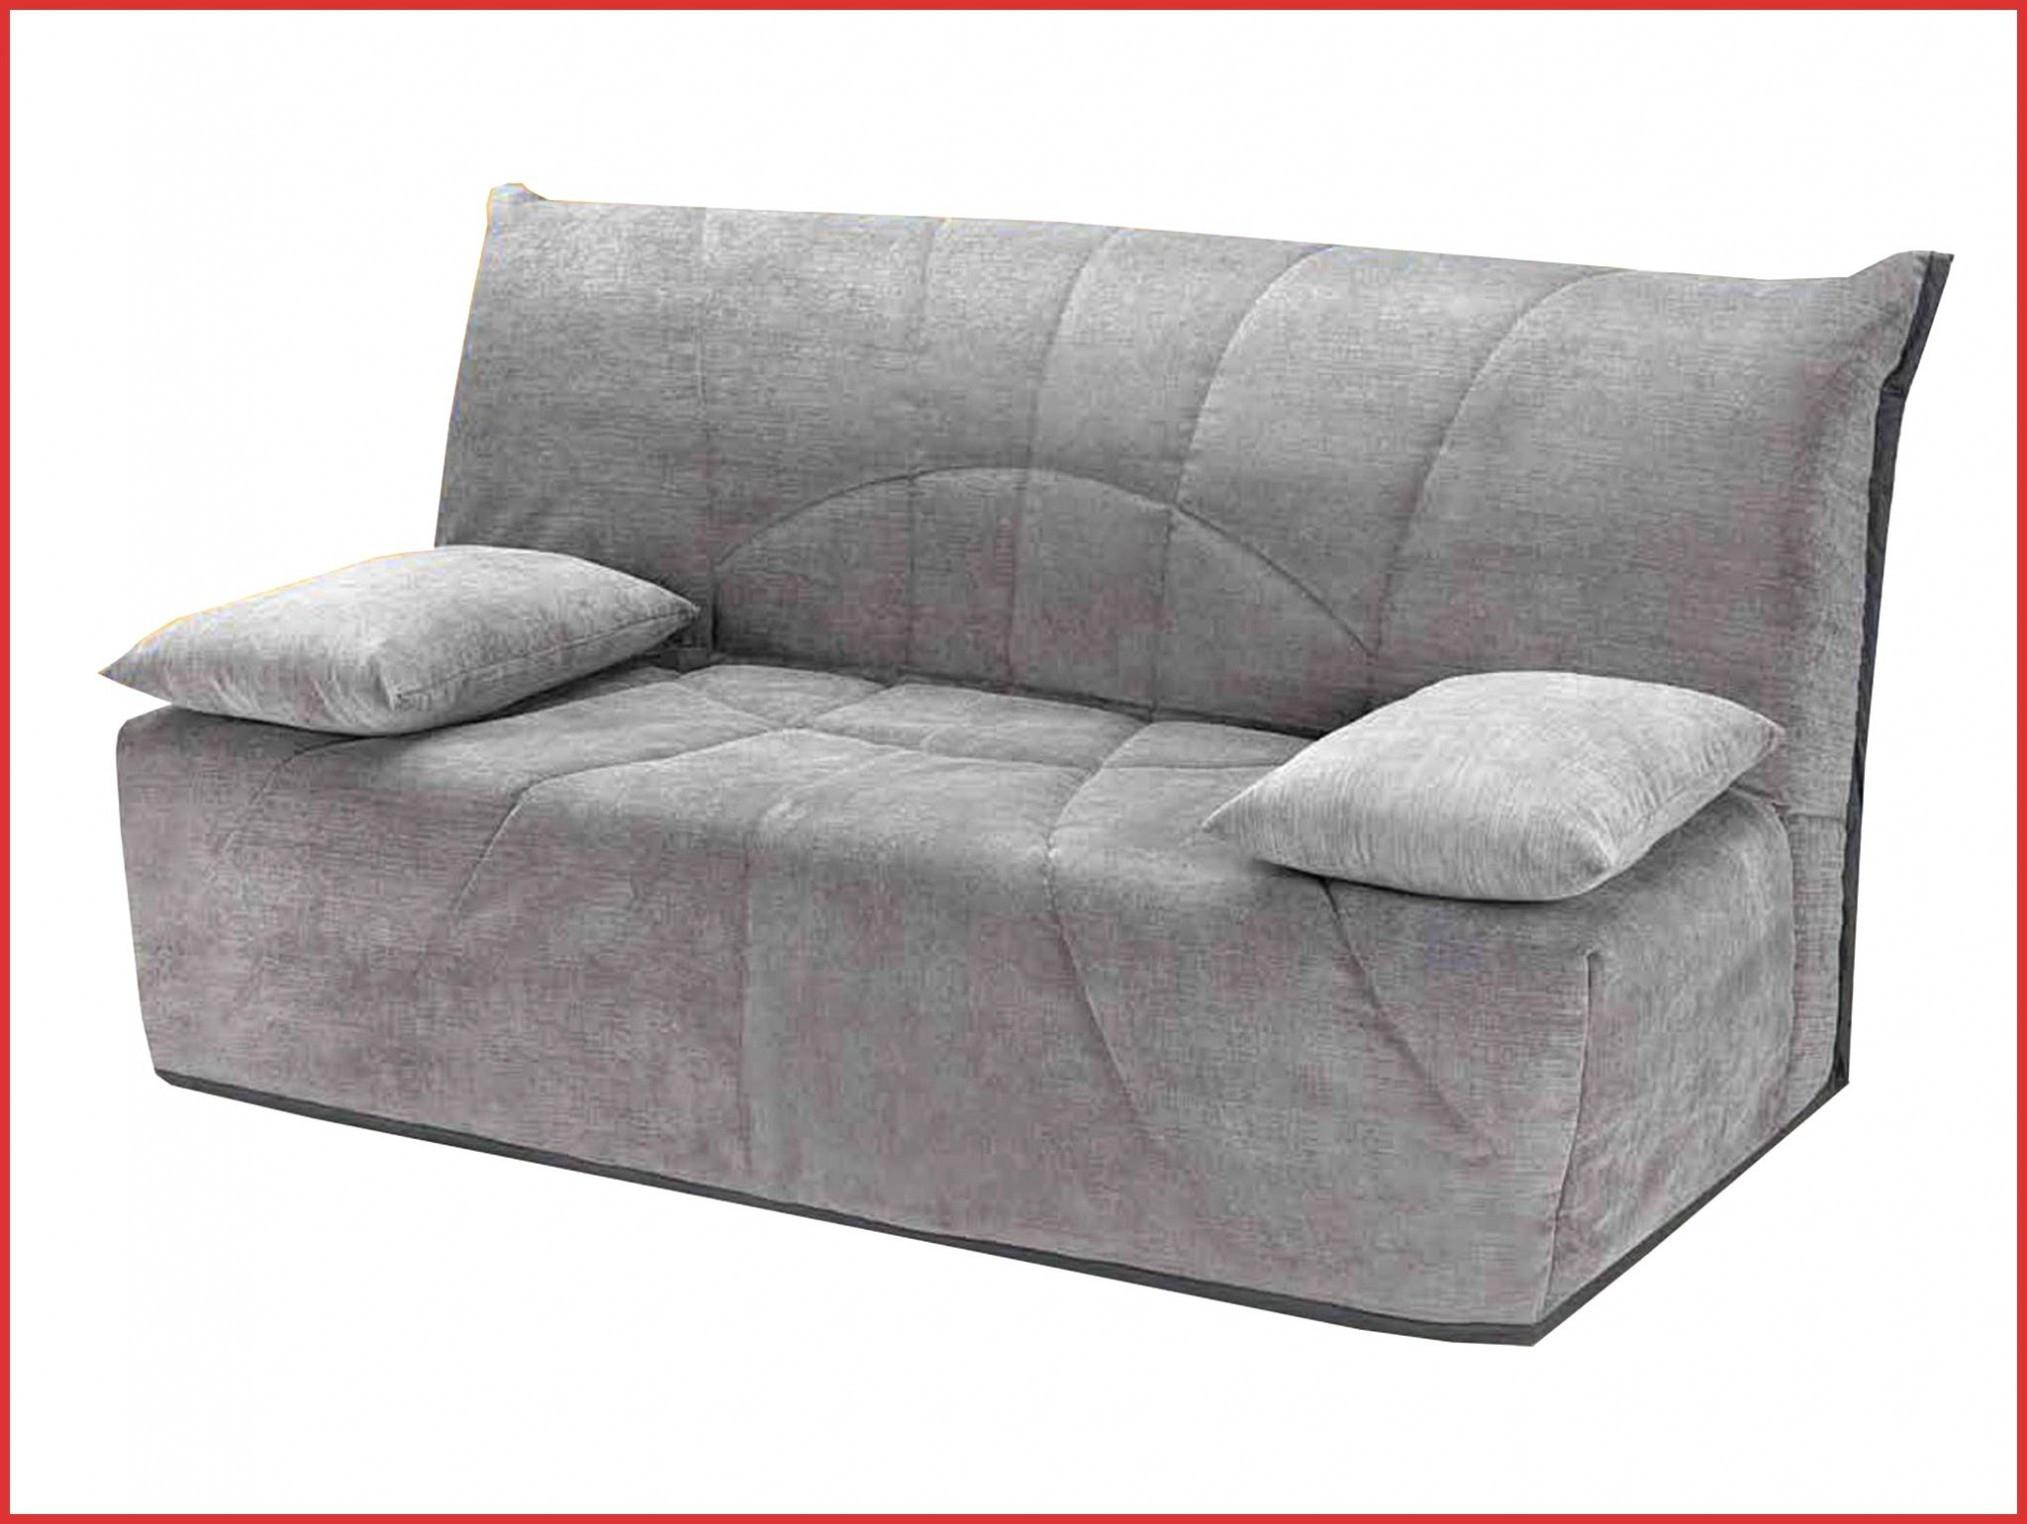 Canapé Angle Convertible Occasion Nouveau Images La Charmant Choisir Un Canapé Conception  Perfectionner La G Te